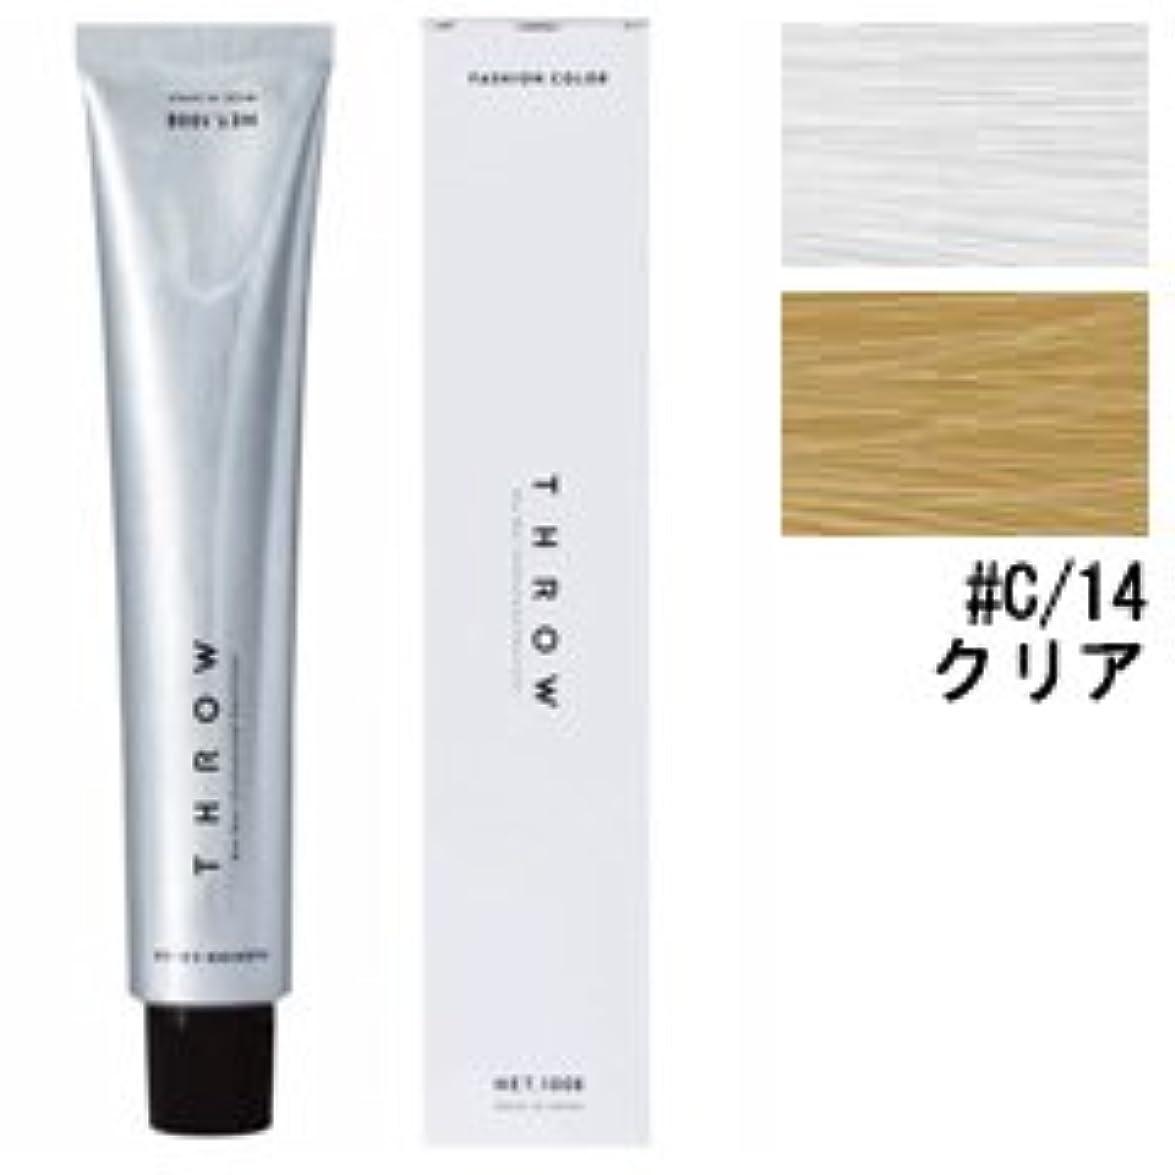 インペリアルセミナー最適【モルトベーネ】スロウ ファッションカラー #C/14 クリア 100g